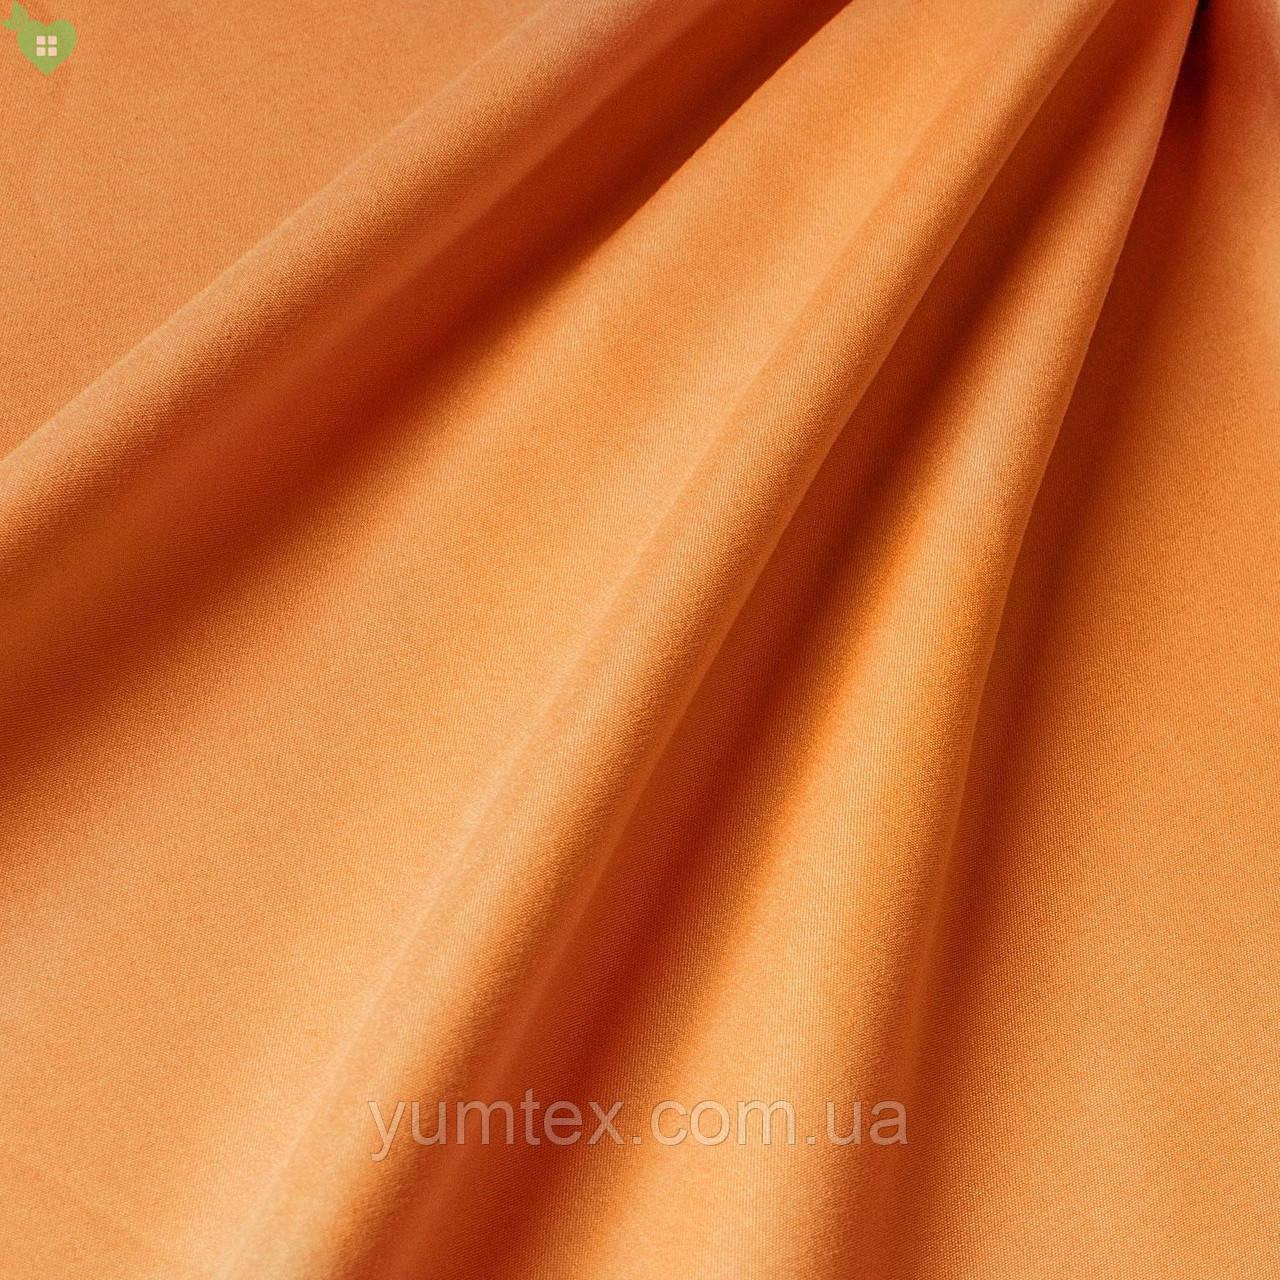 Подкладочная ткань с персиковой фактурой оранжевая Испания